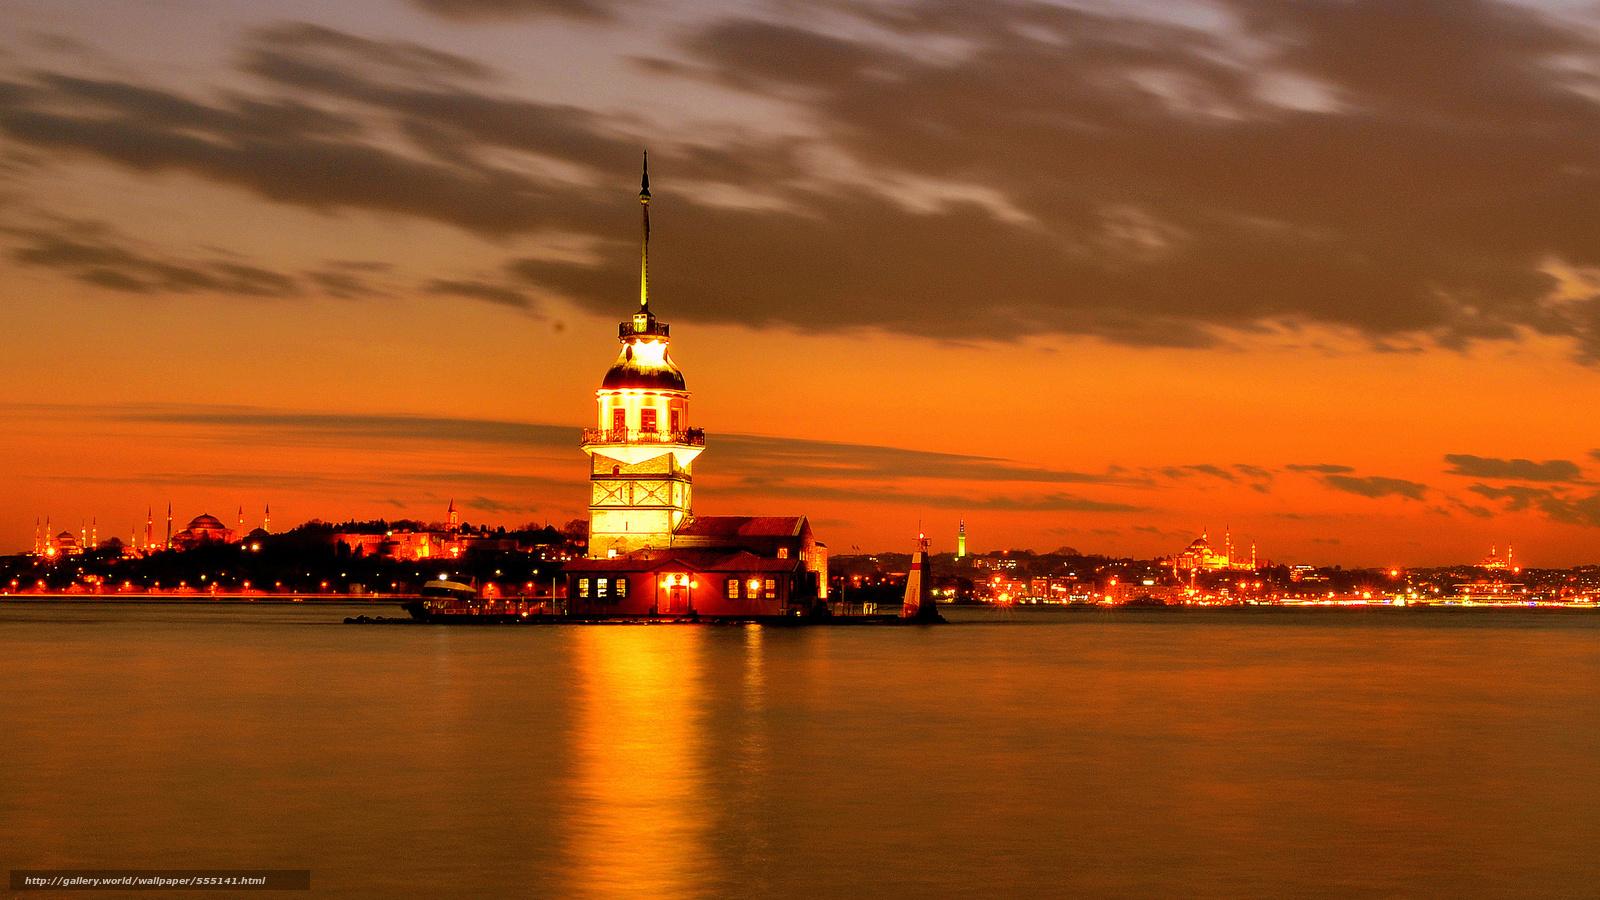 Tlcharger fond d 39 ecran istanbul istanbul nuit d troit for Bureau fond d ecran